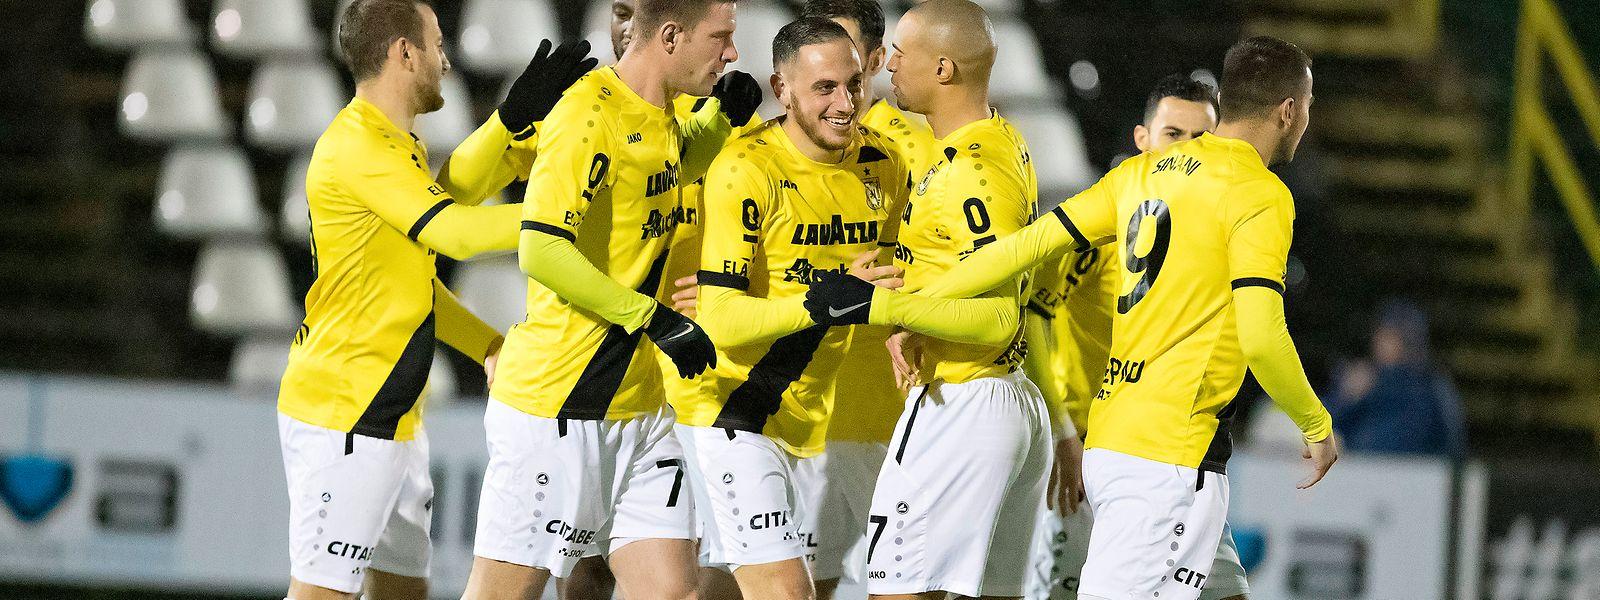 O F91 Dudelange venceu a Jeunesse por 3-0 em Esch-sur-Alzette.